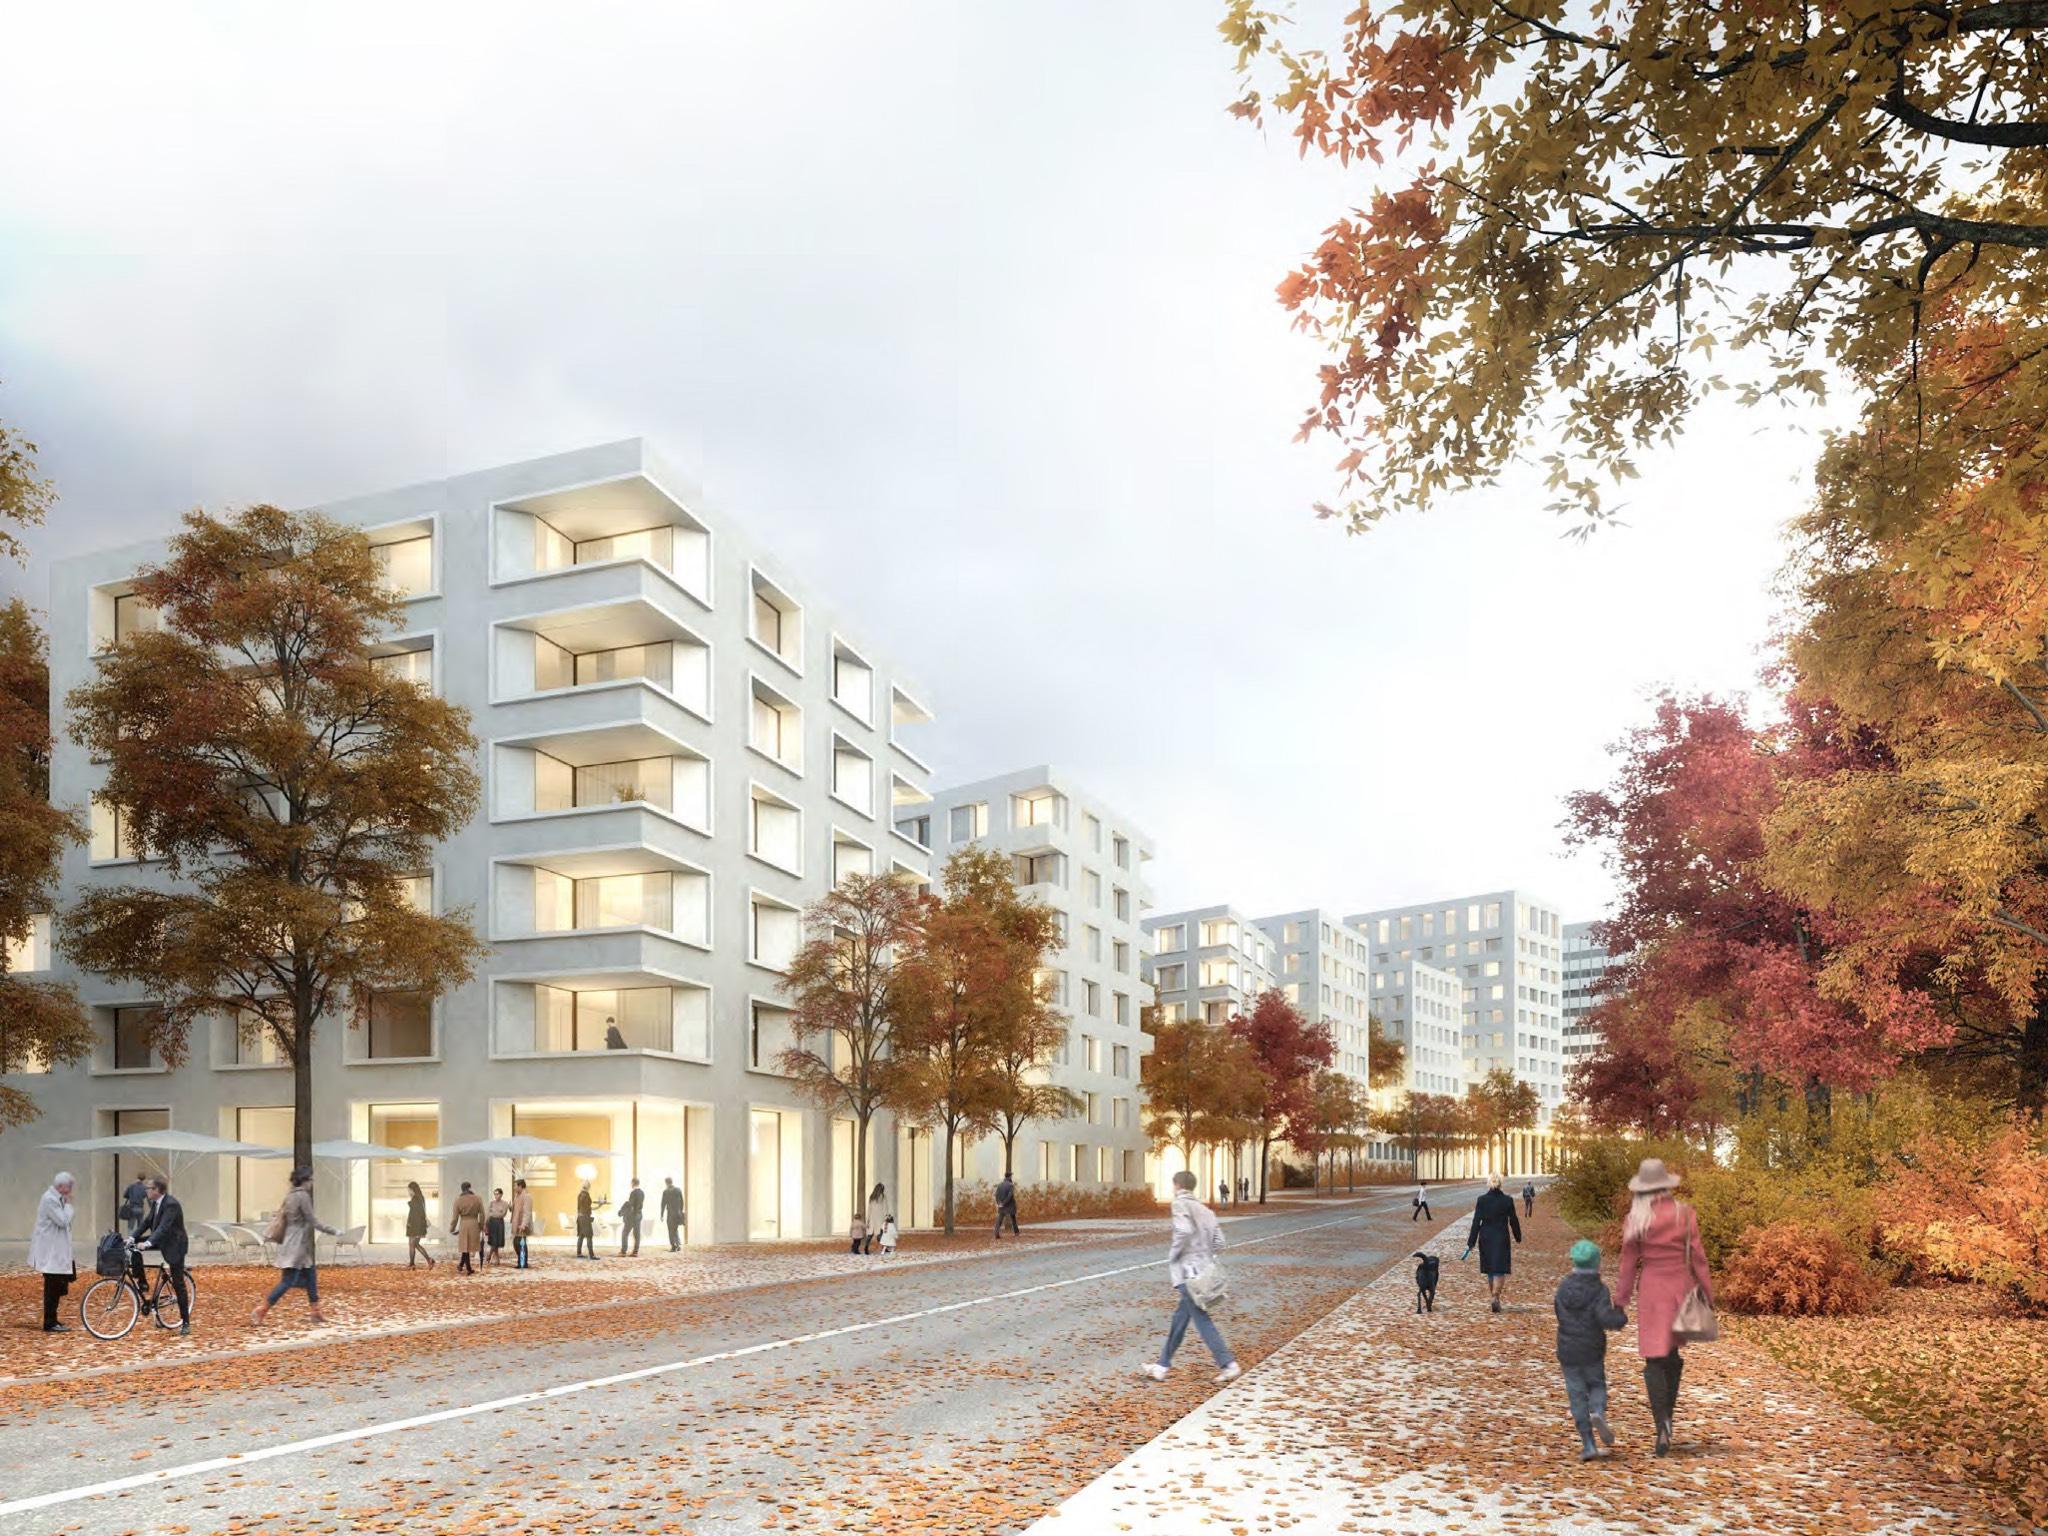 Perspektive Bismarckquartier: Vorschlag von Baumschlager Eberle. Grafik: Baumschlager Eberle